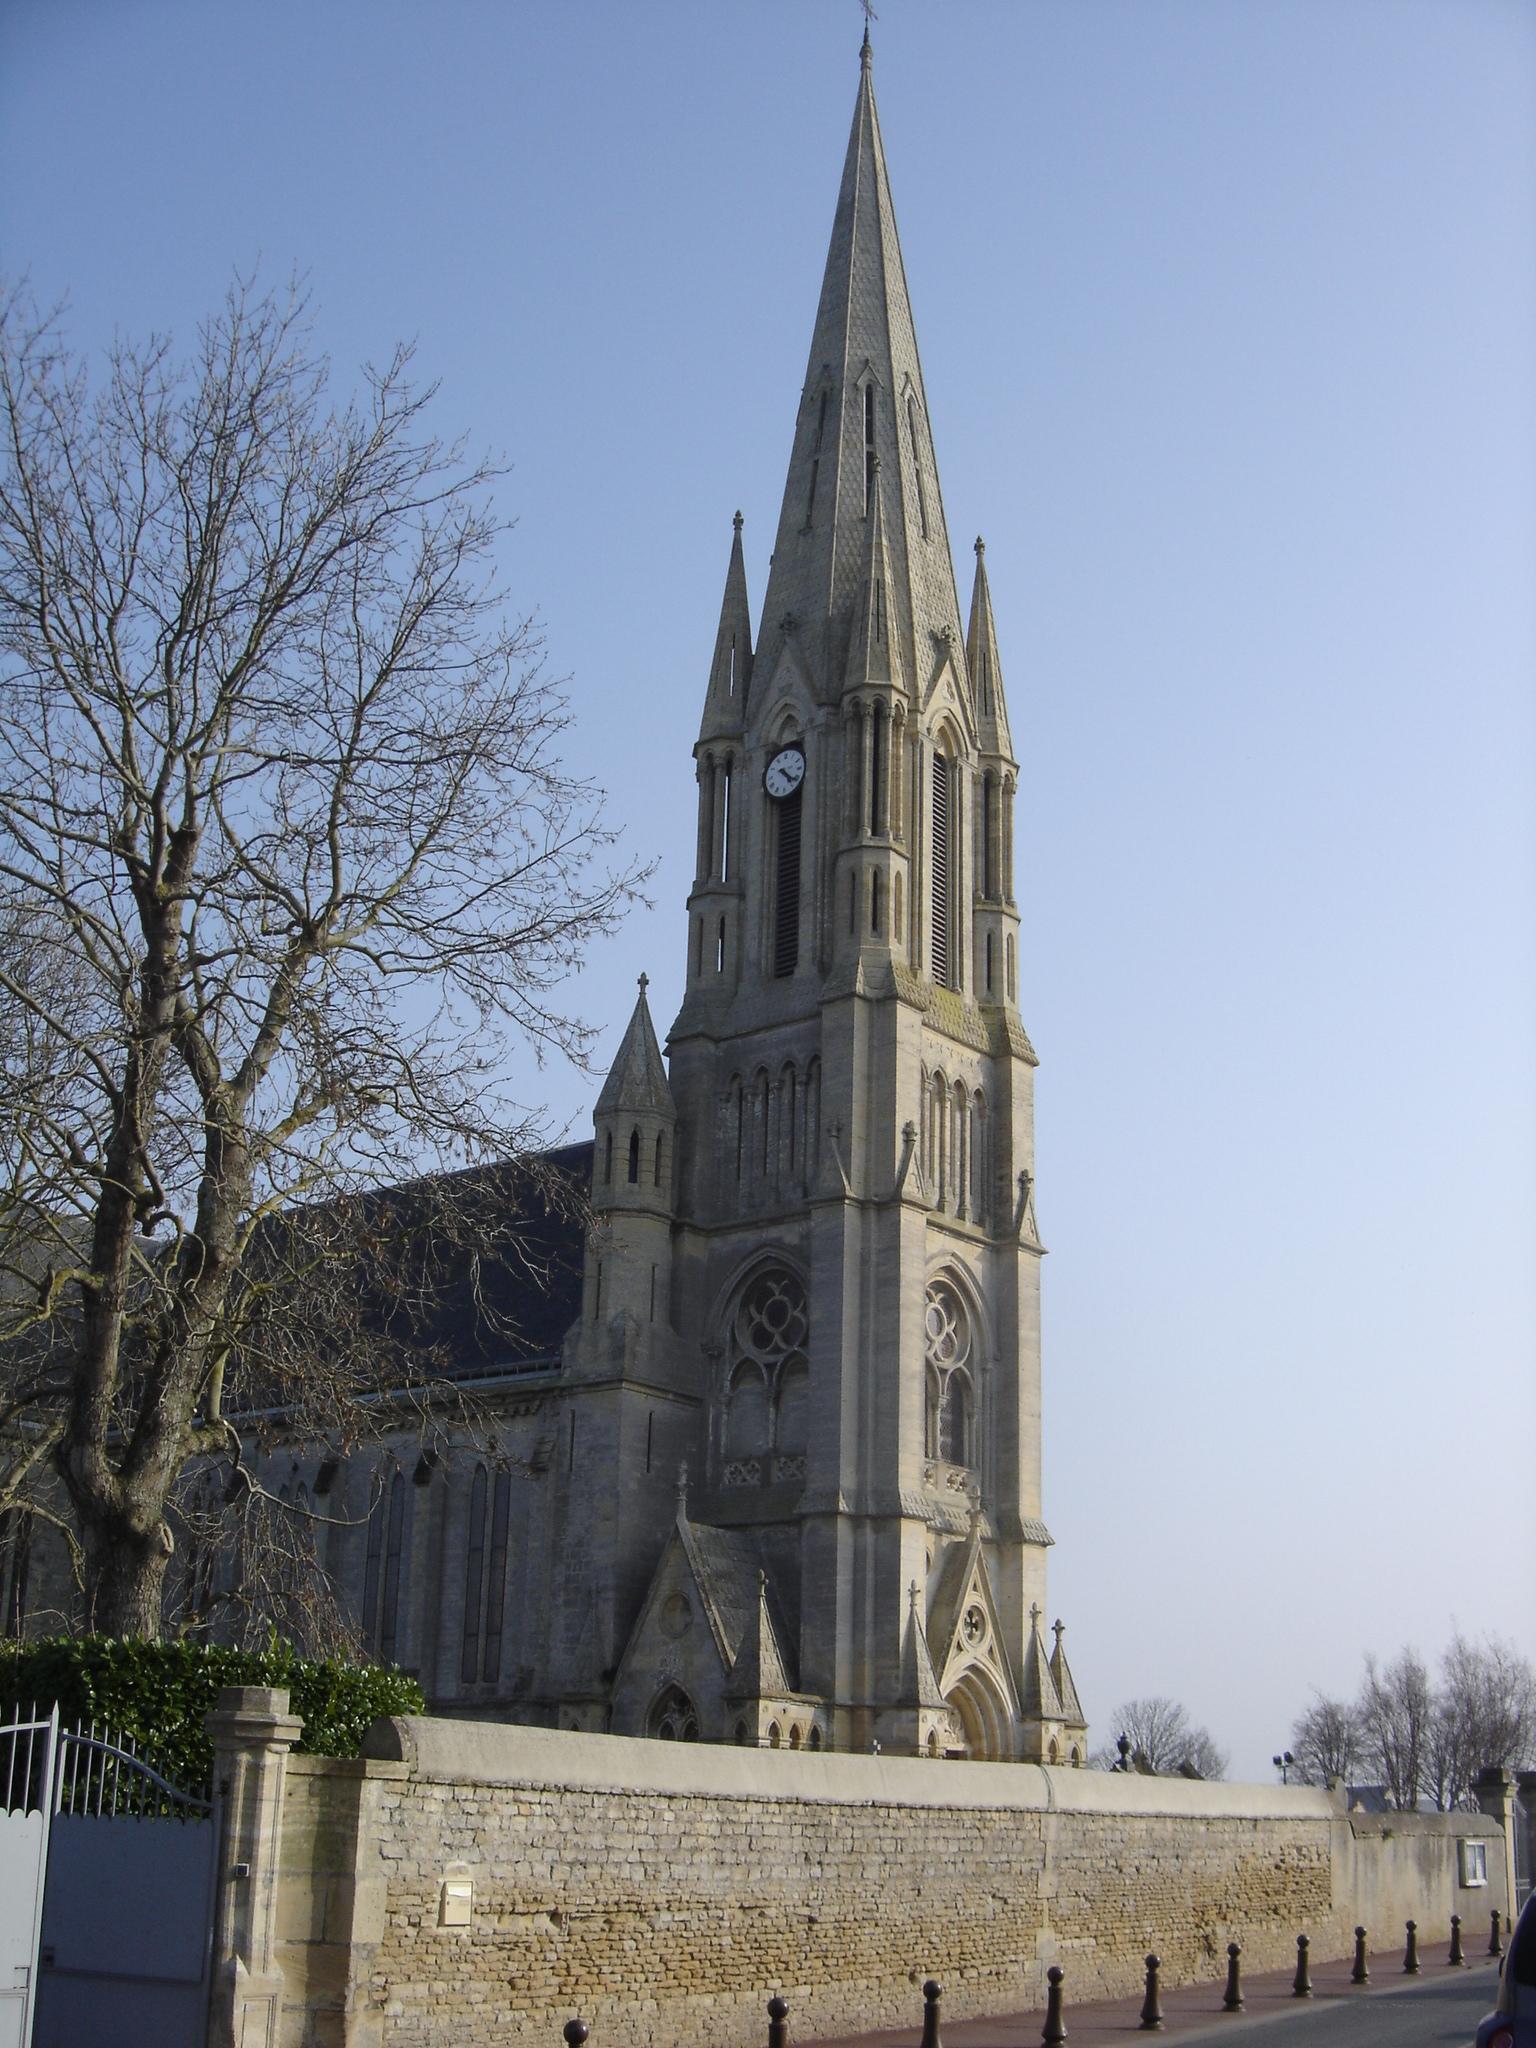 Narbonne Version 3 1: File:Clocher De L'église Saint-Aubin-sur-Mer.jpg